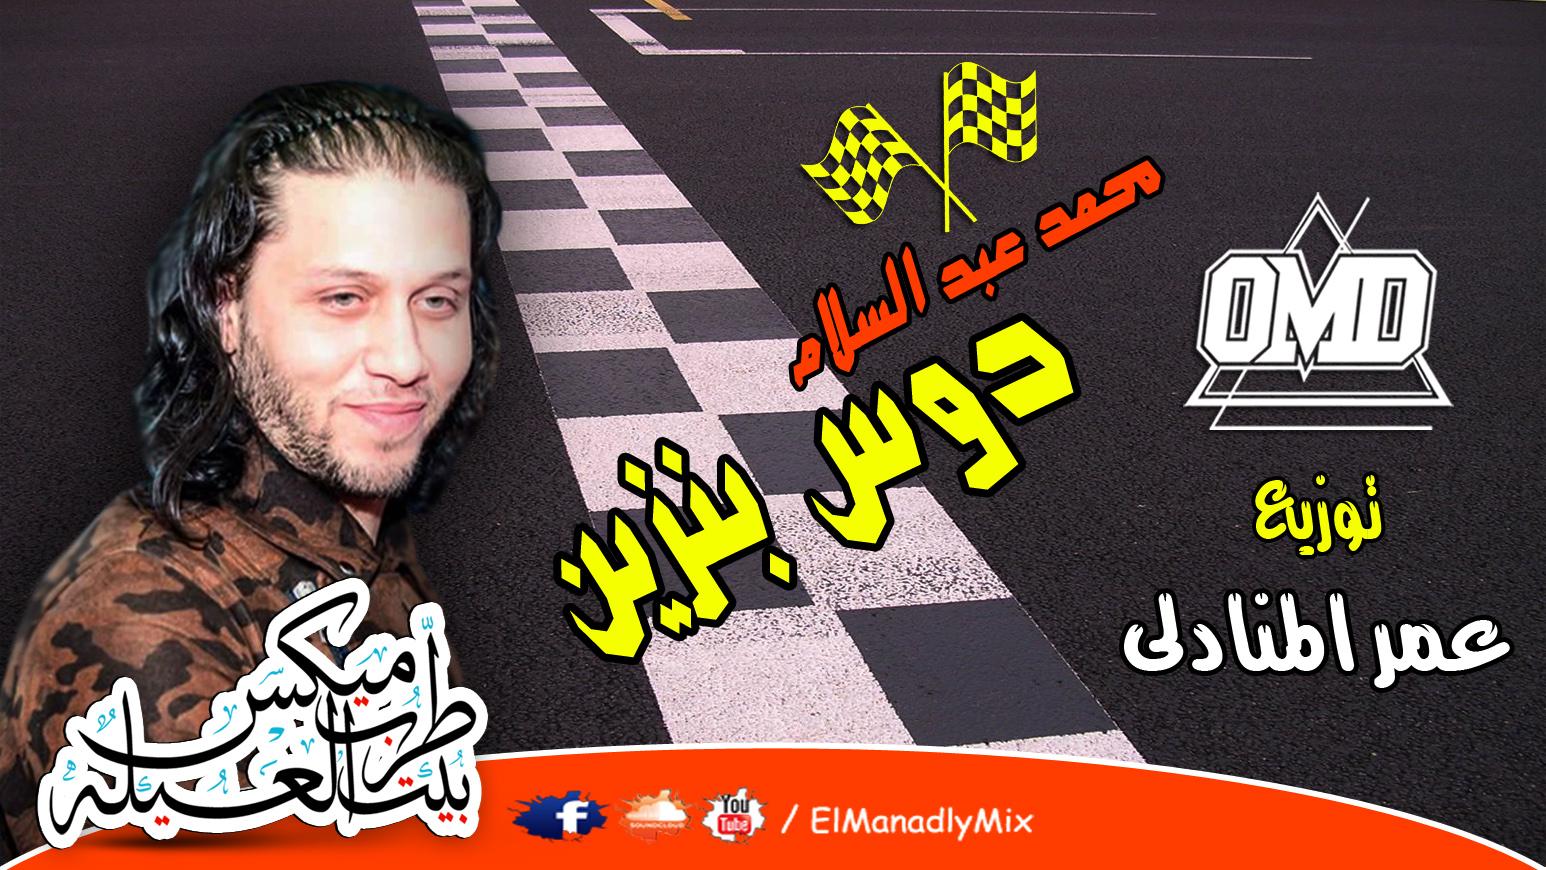 حصريا مزيكا دوس بنزين - محمد عبد السلام توزيع درامز عمر المنادلى 2019